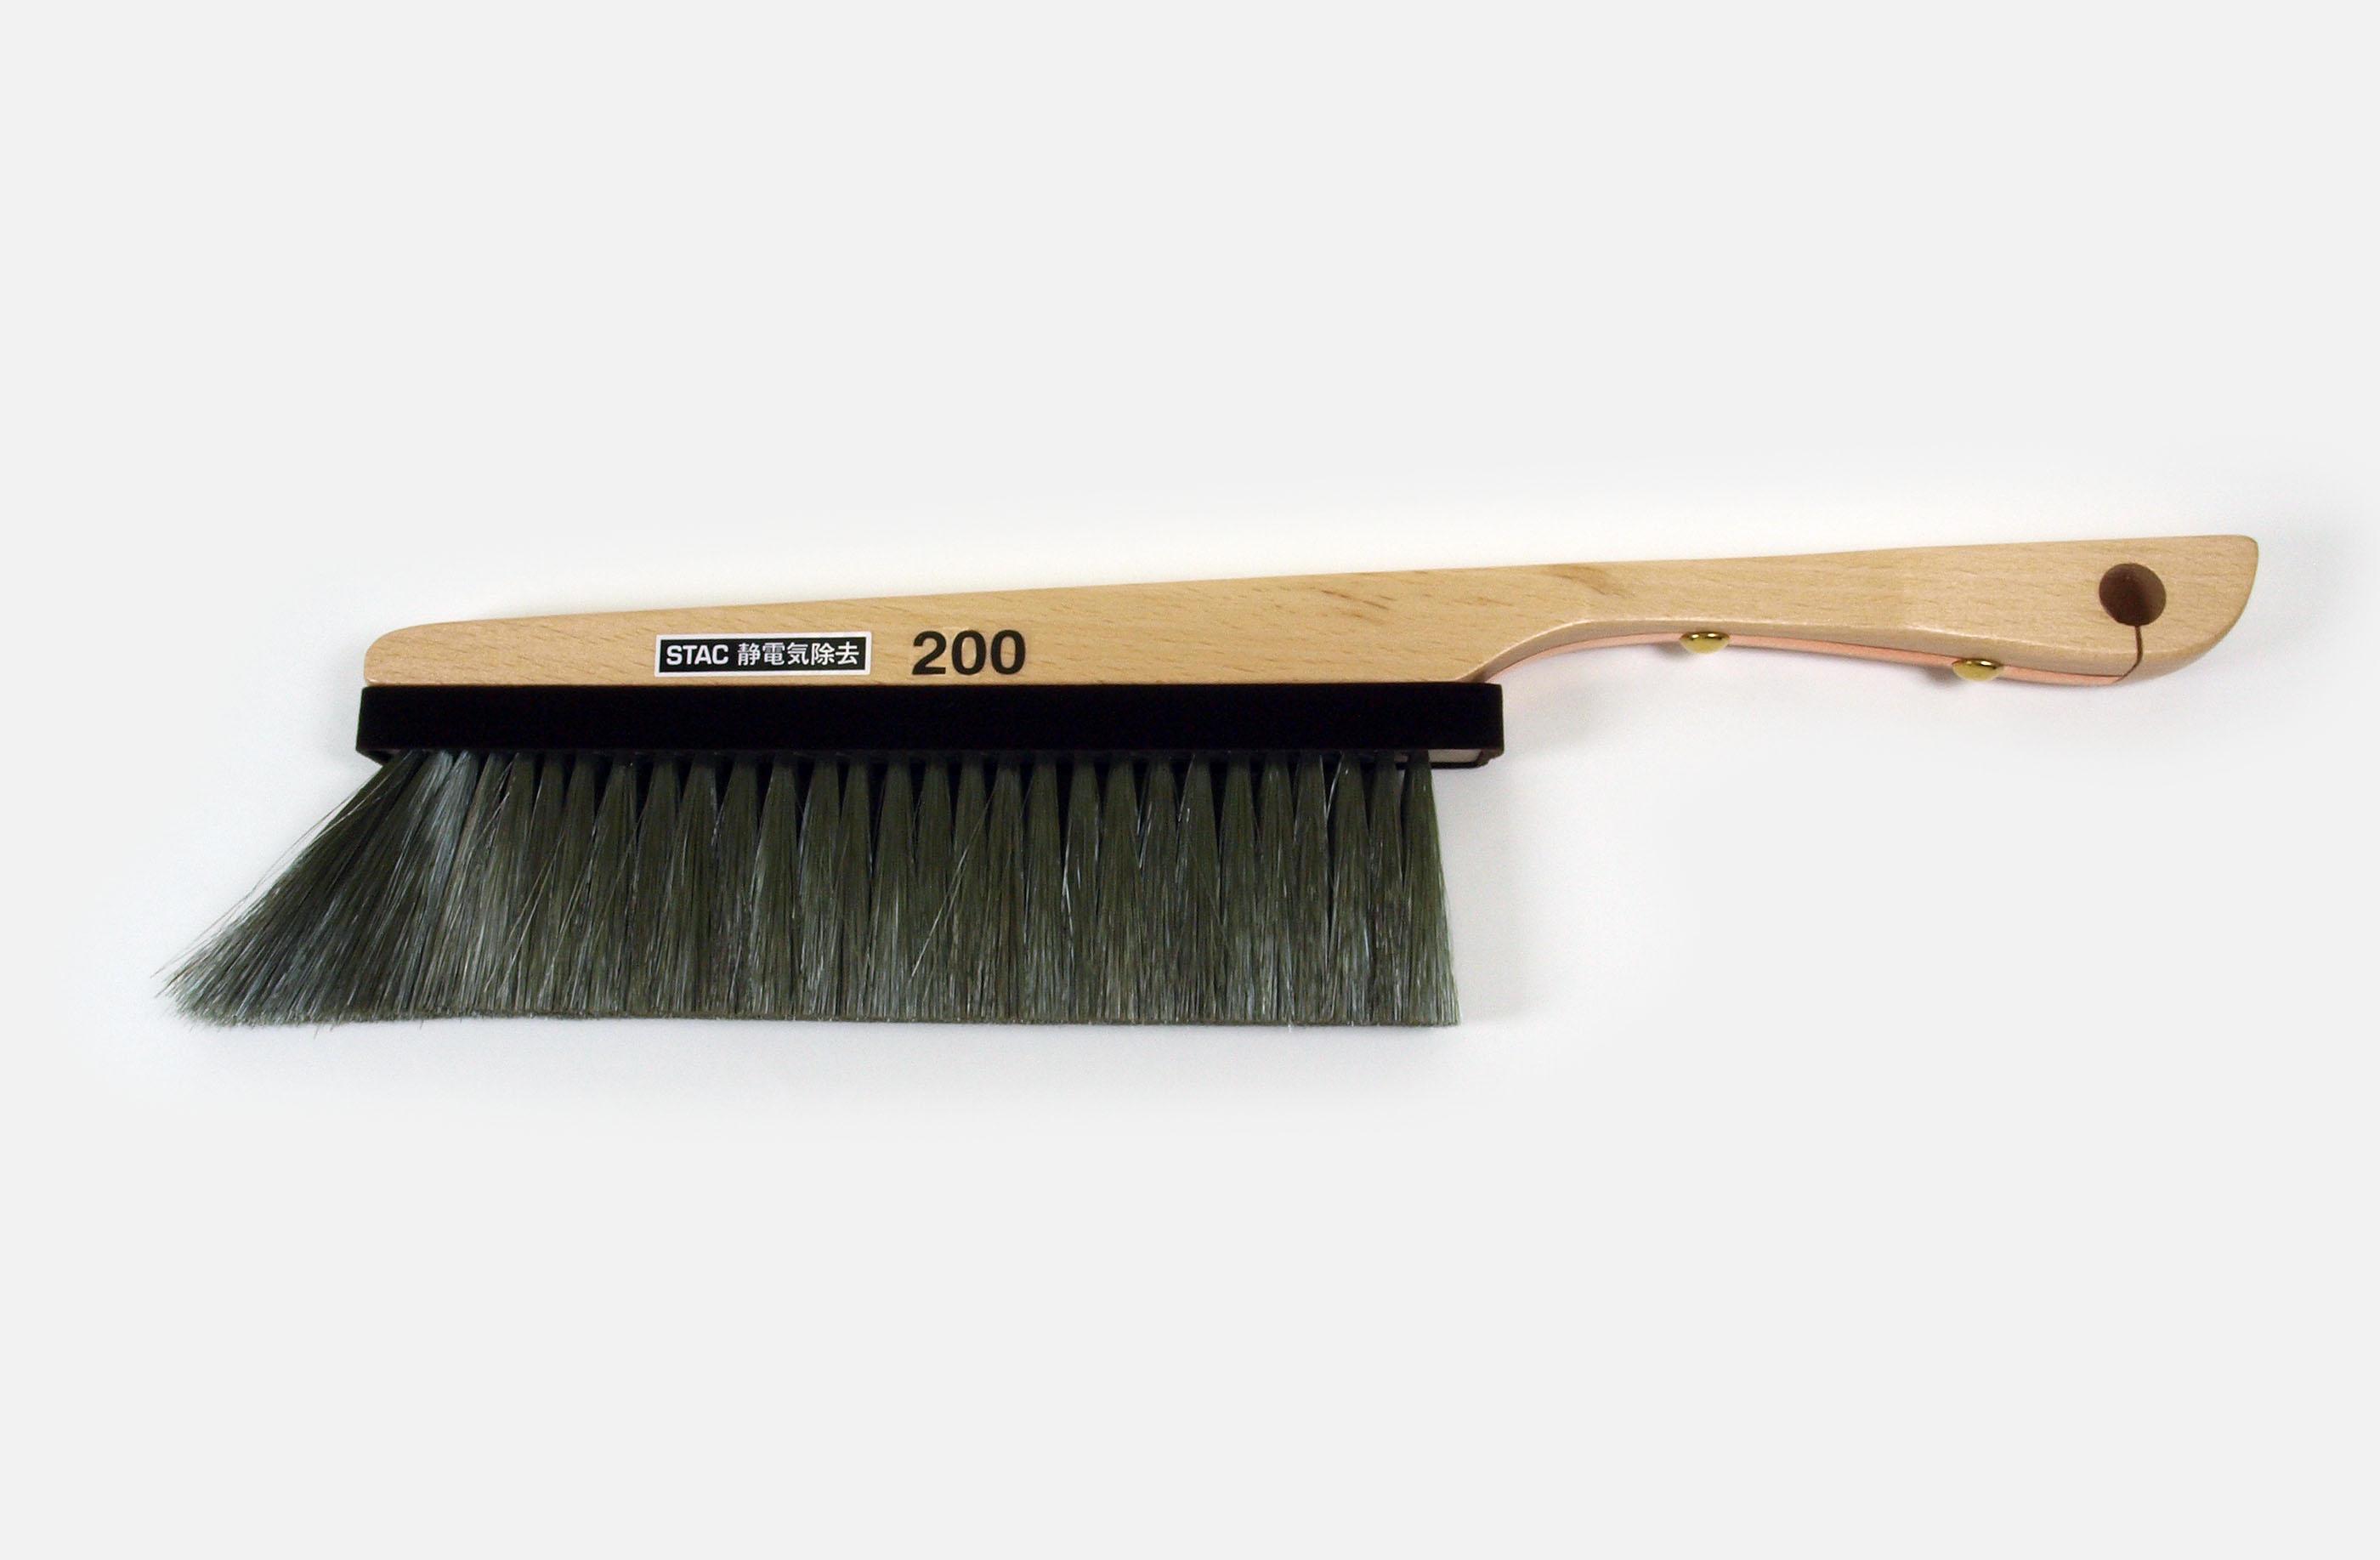 ハンド木柄ゴールド除電ブラシSTAC200